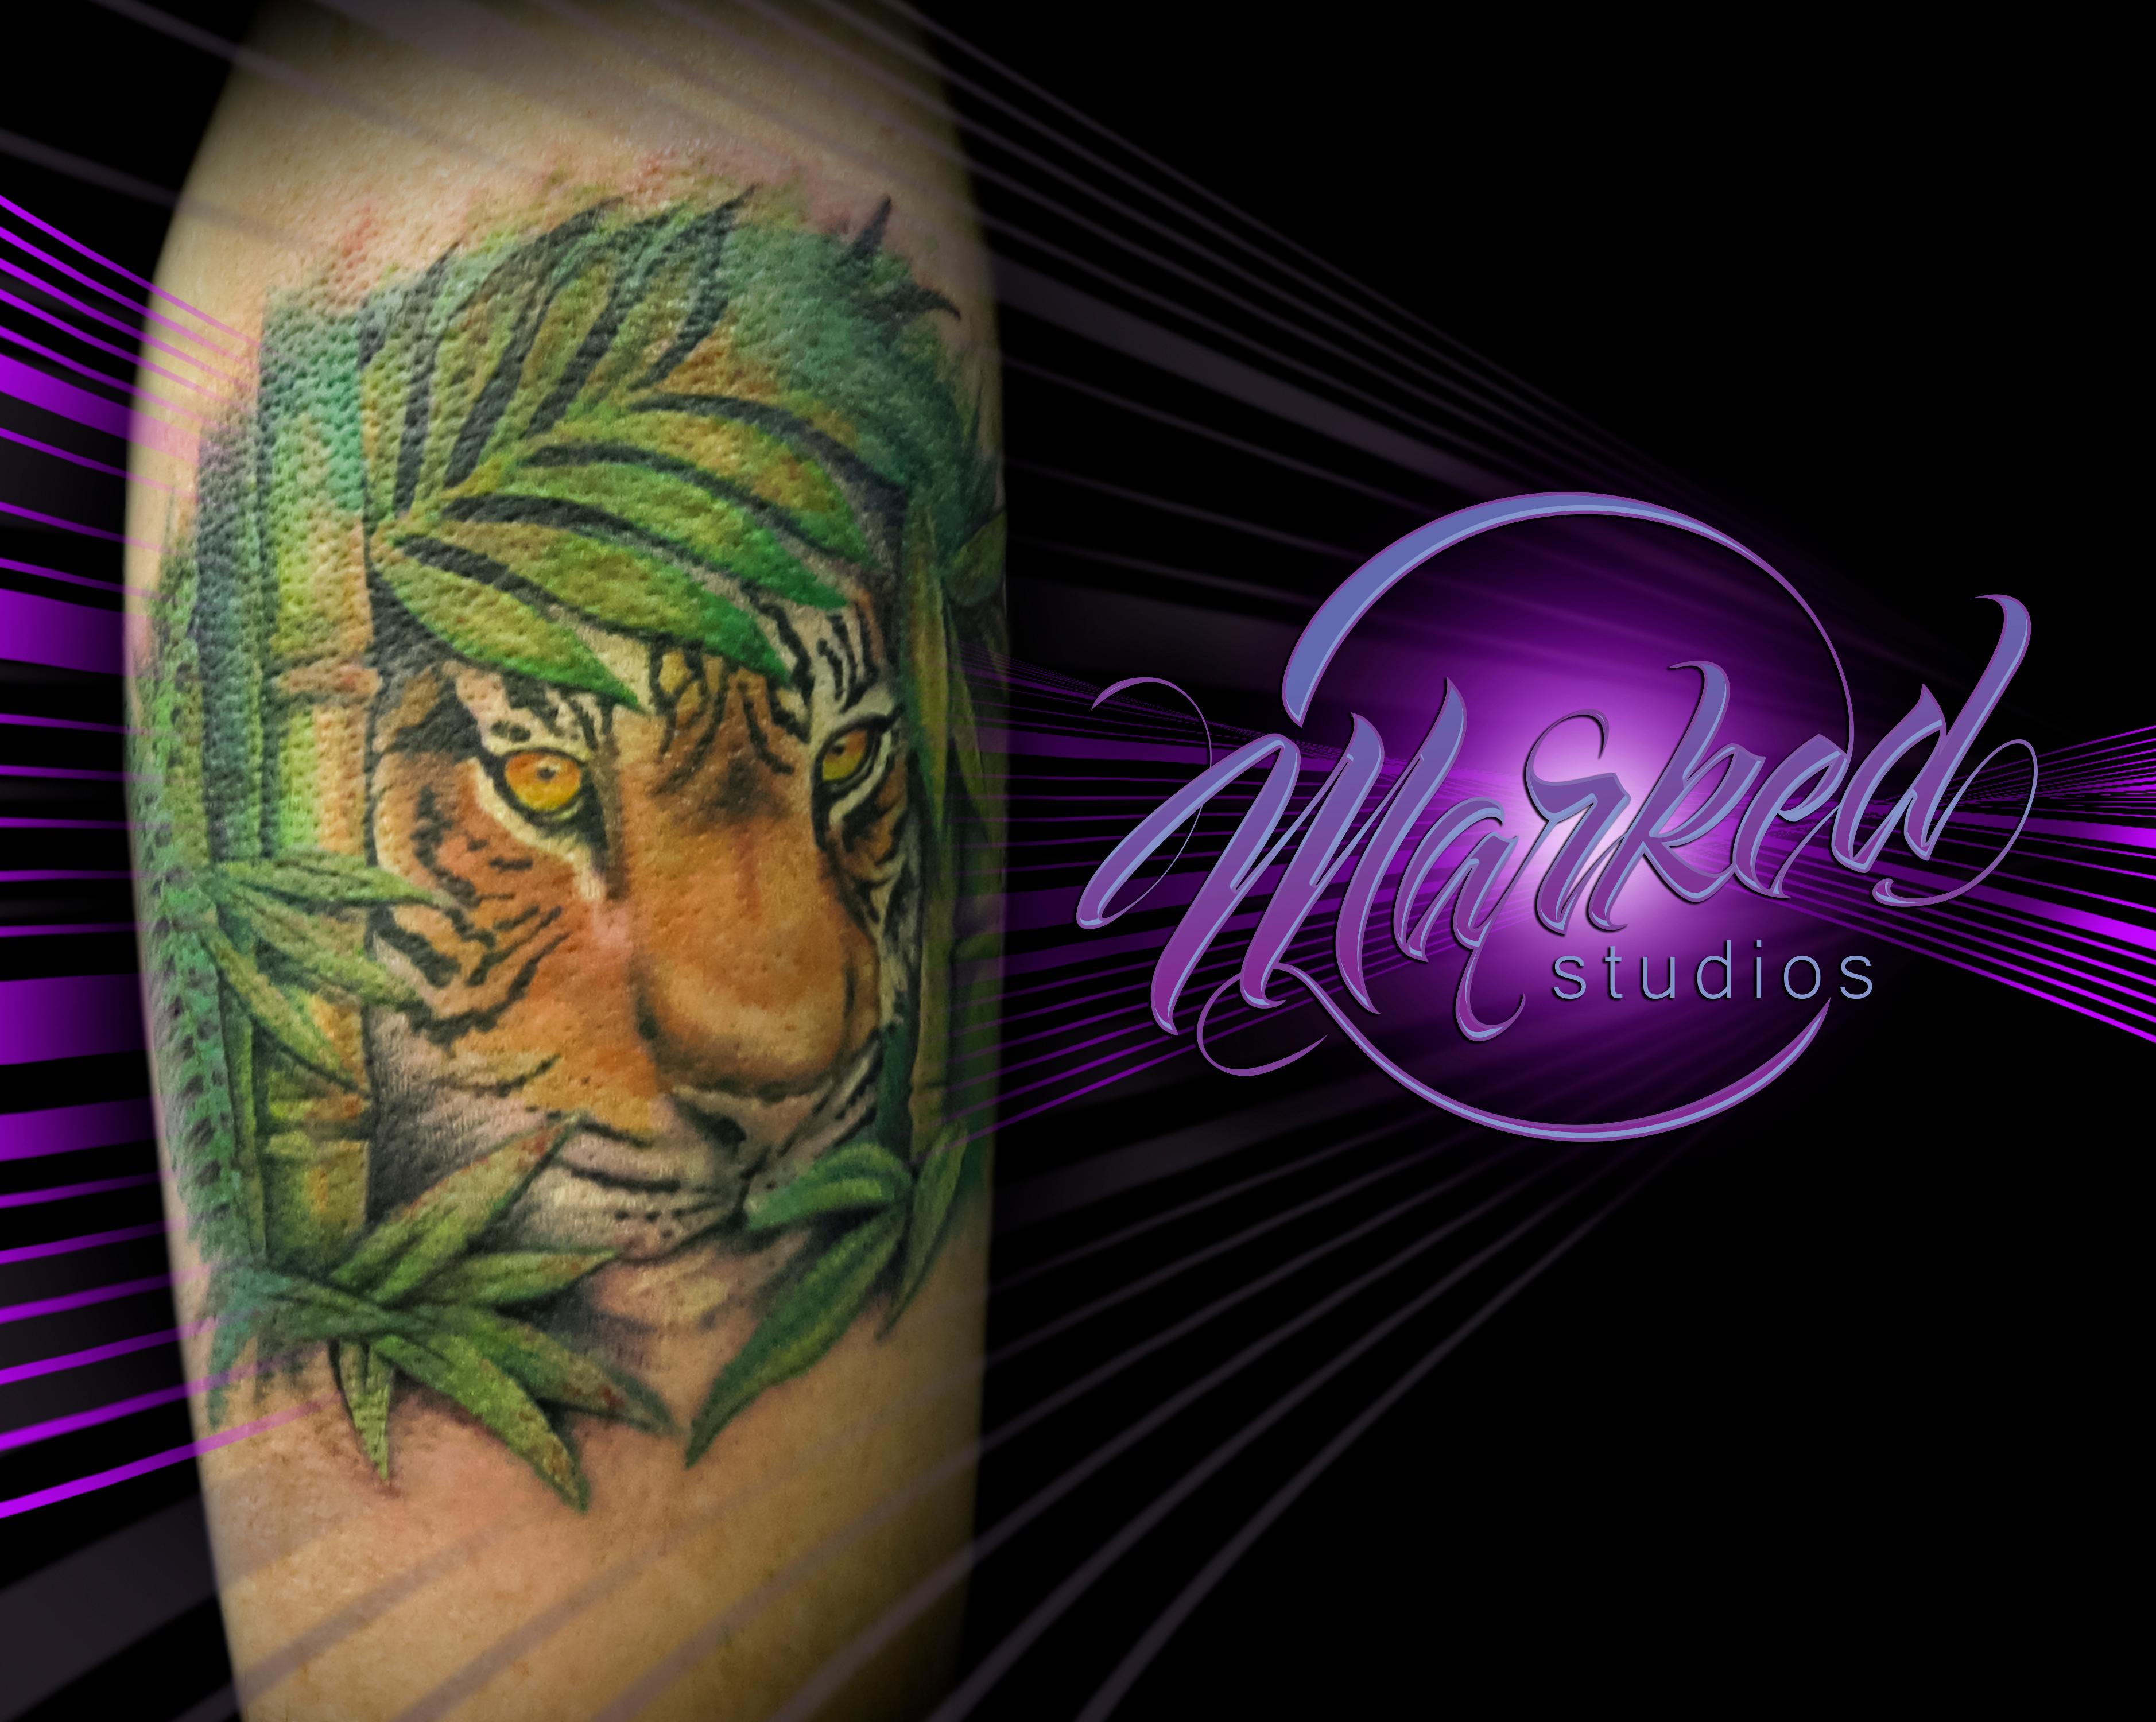 Marked Studios Inc image 3